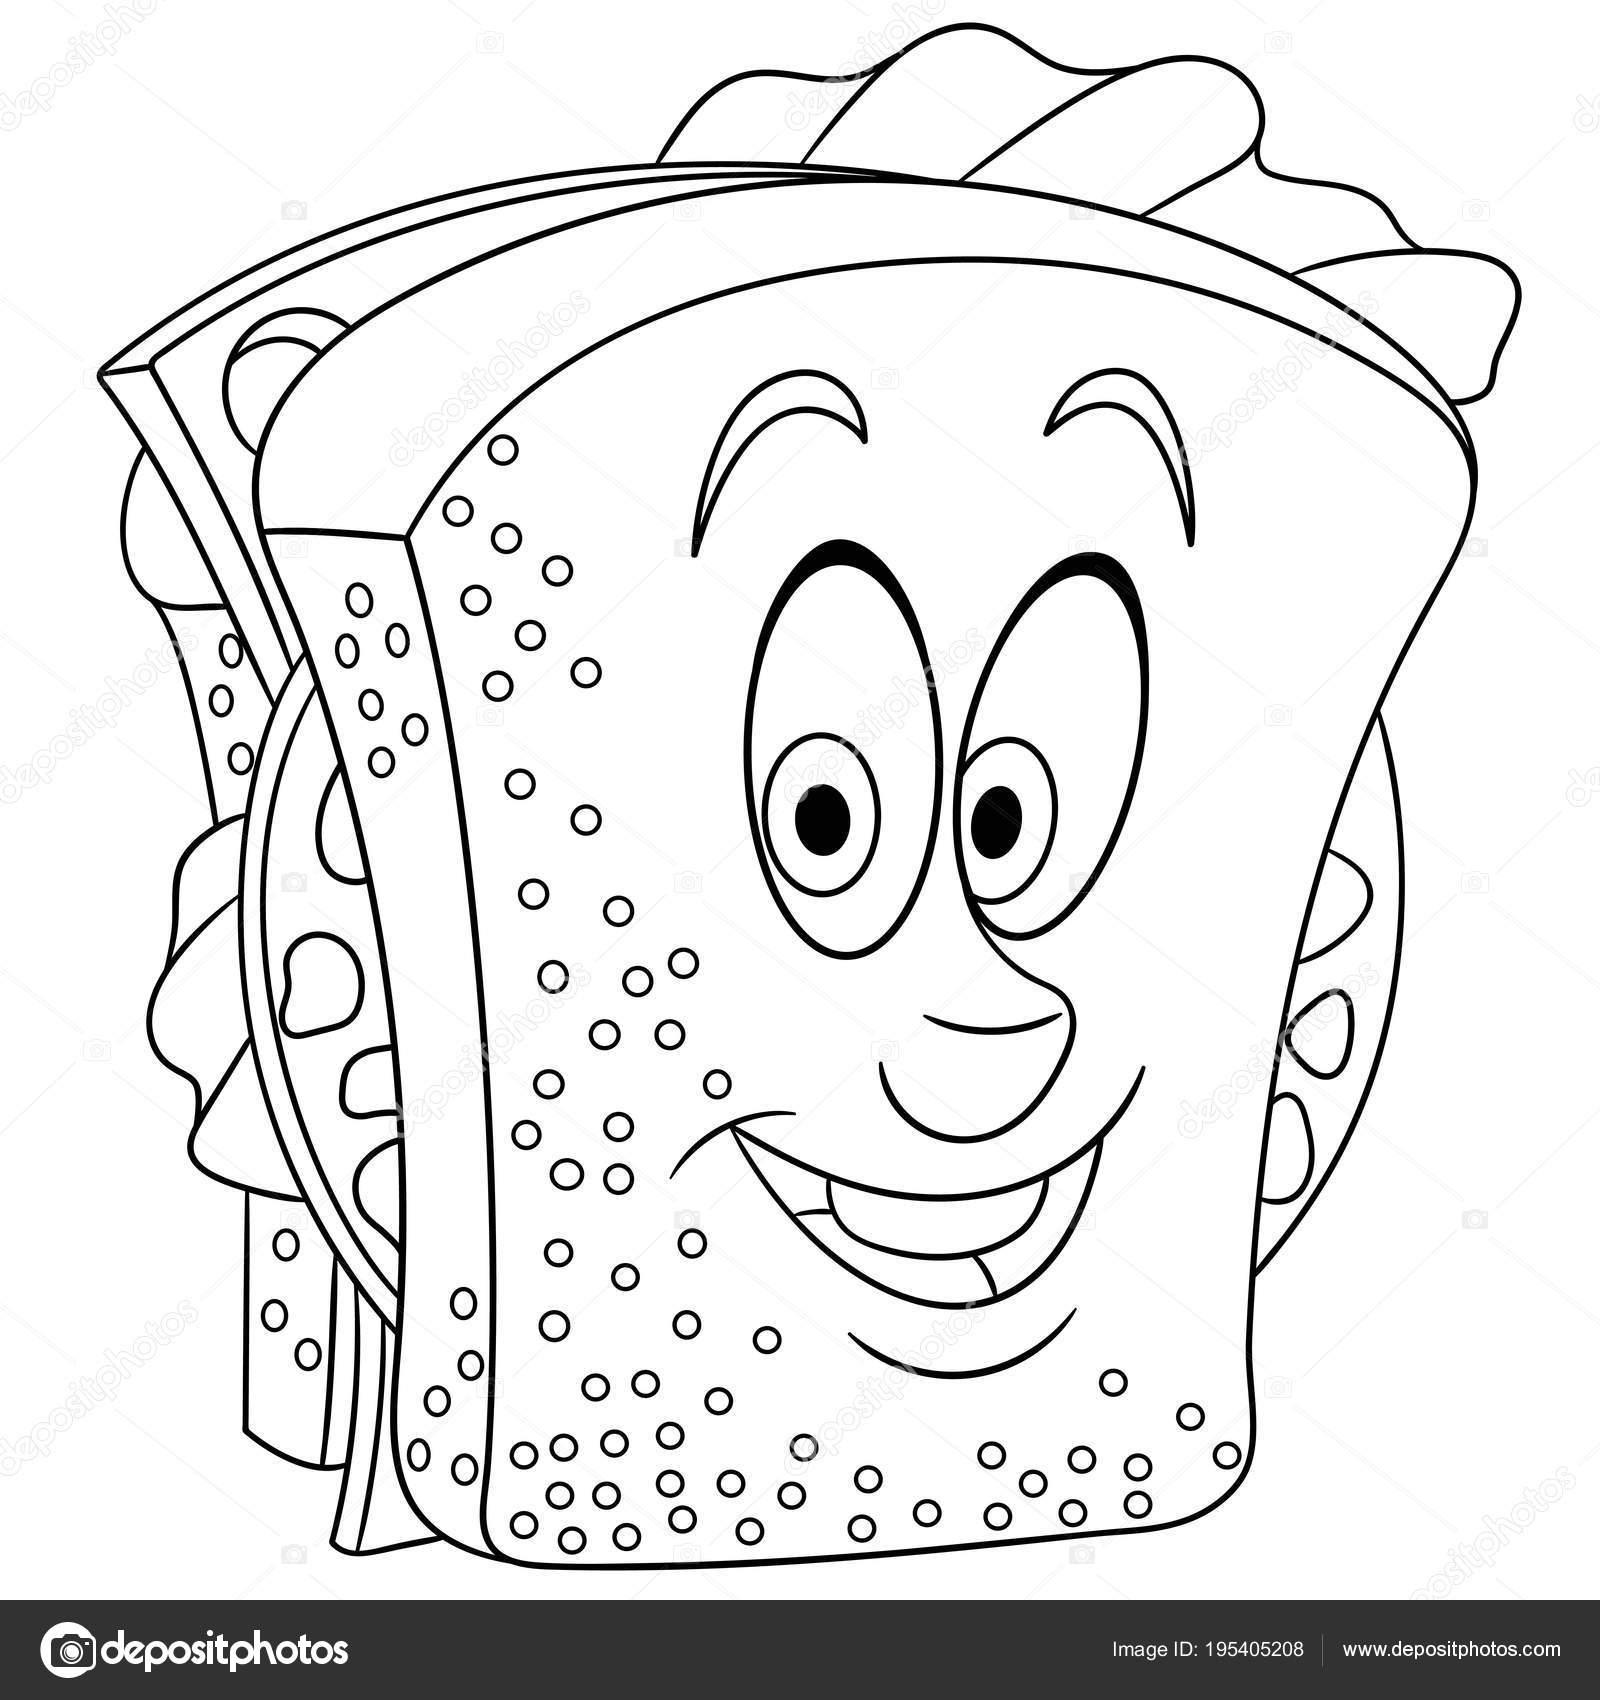 Boyama Kitabı Boyama Sayfası Boyama Resim Sandviç Stok Vektör